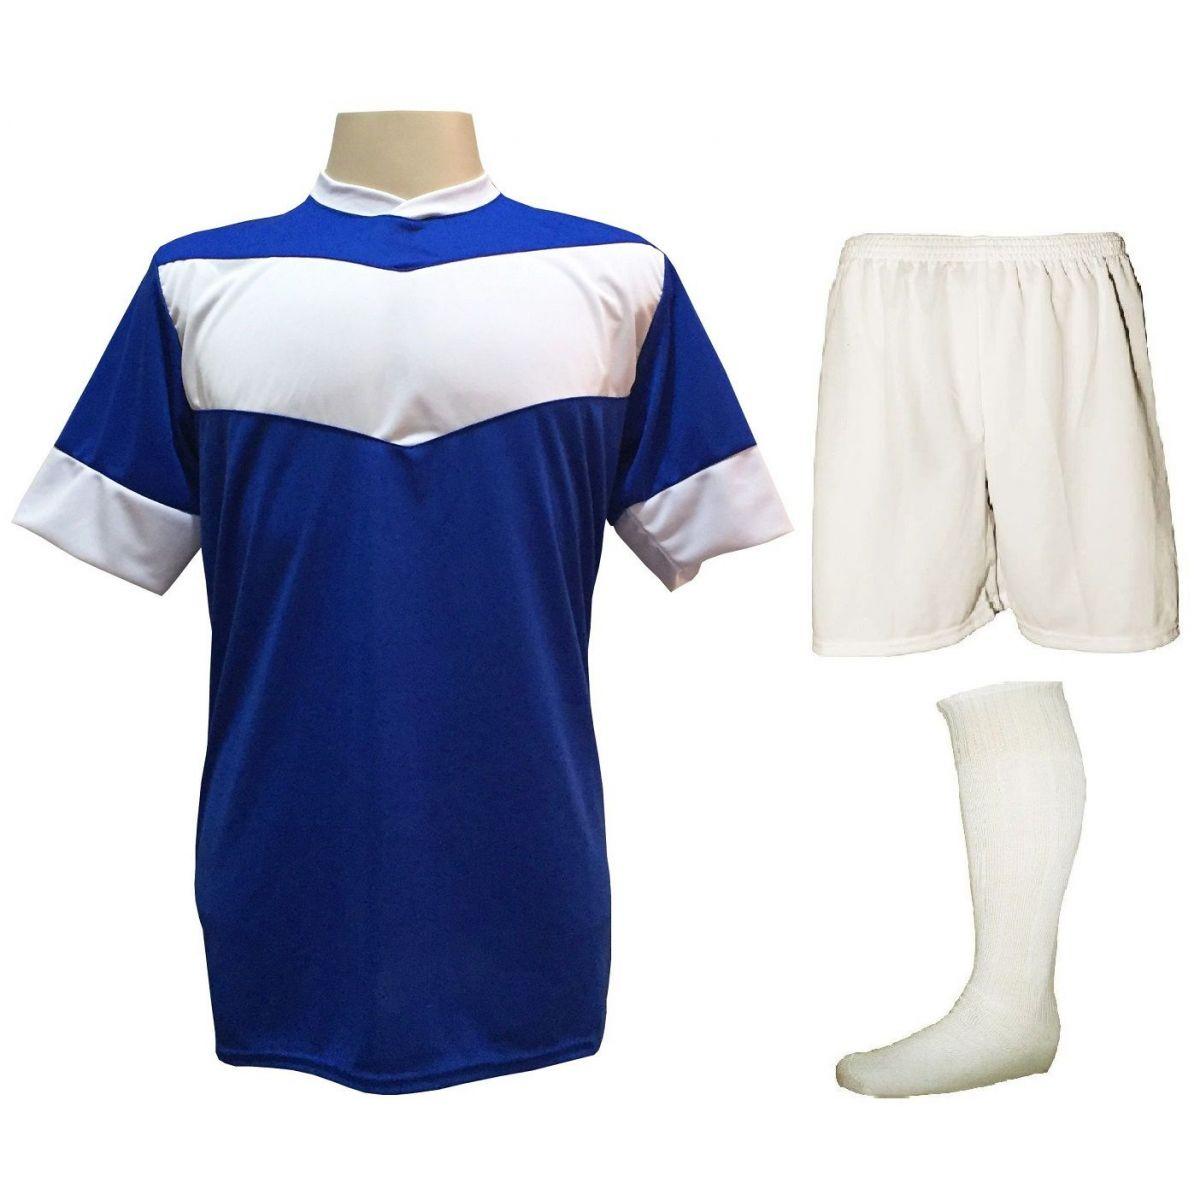 Fardamento Completo modelo Columbus 18+2 (18 Camisas Royal/Branco + 18 Calções Madrid Branco + 18 Pares de Meiões Brancos + 2 Conjuntos de Goleiro) + Brindes